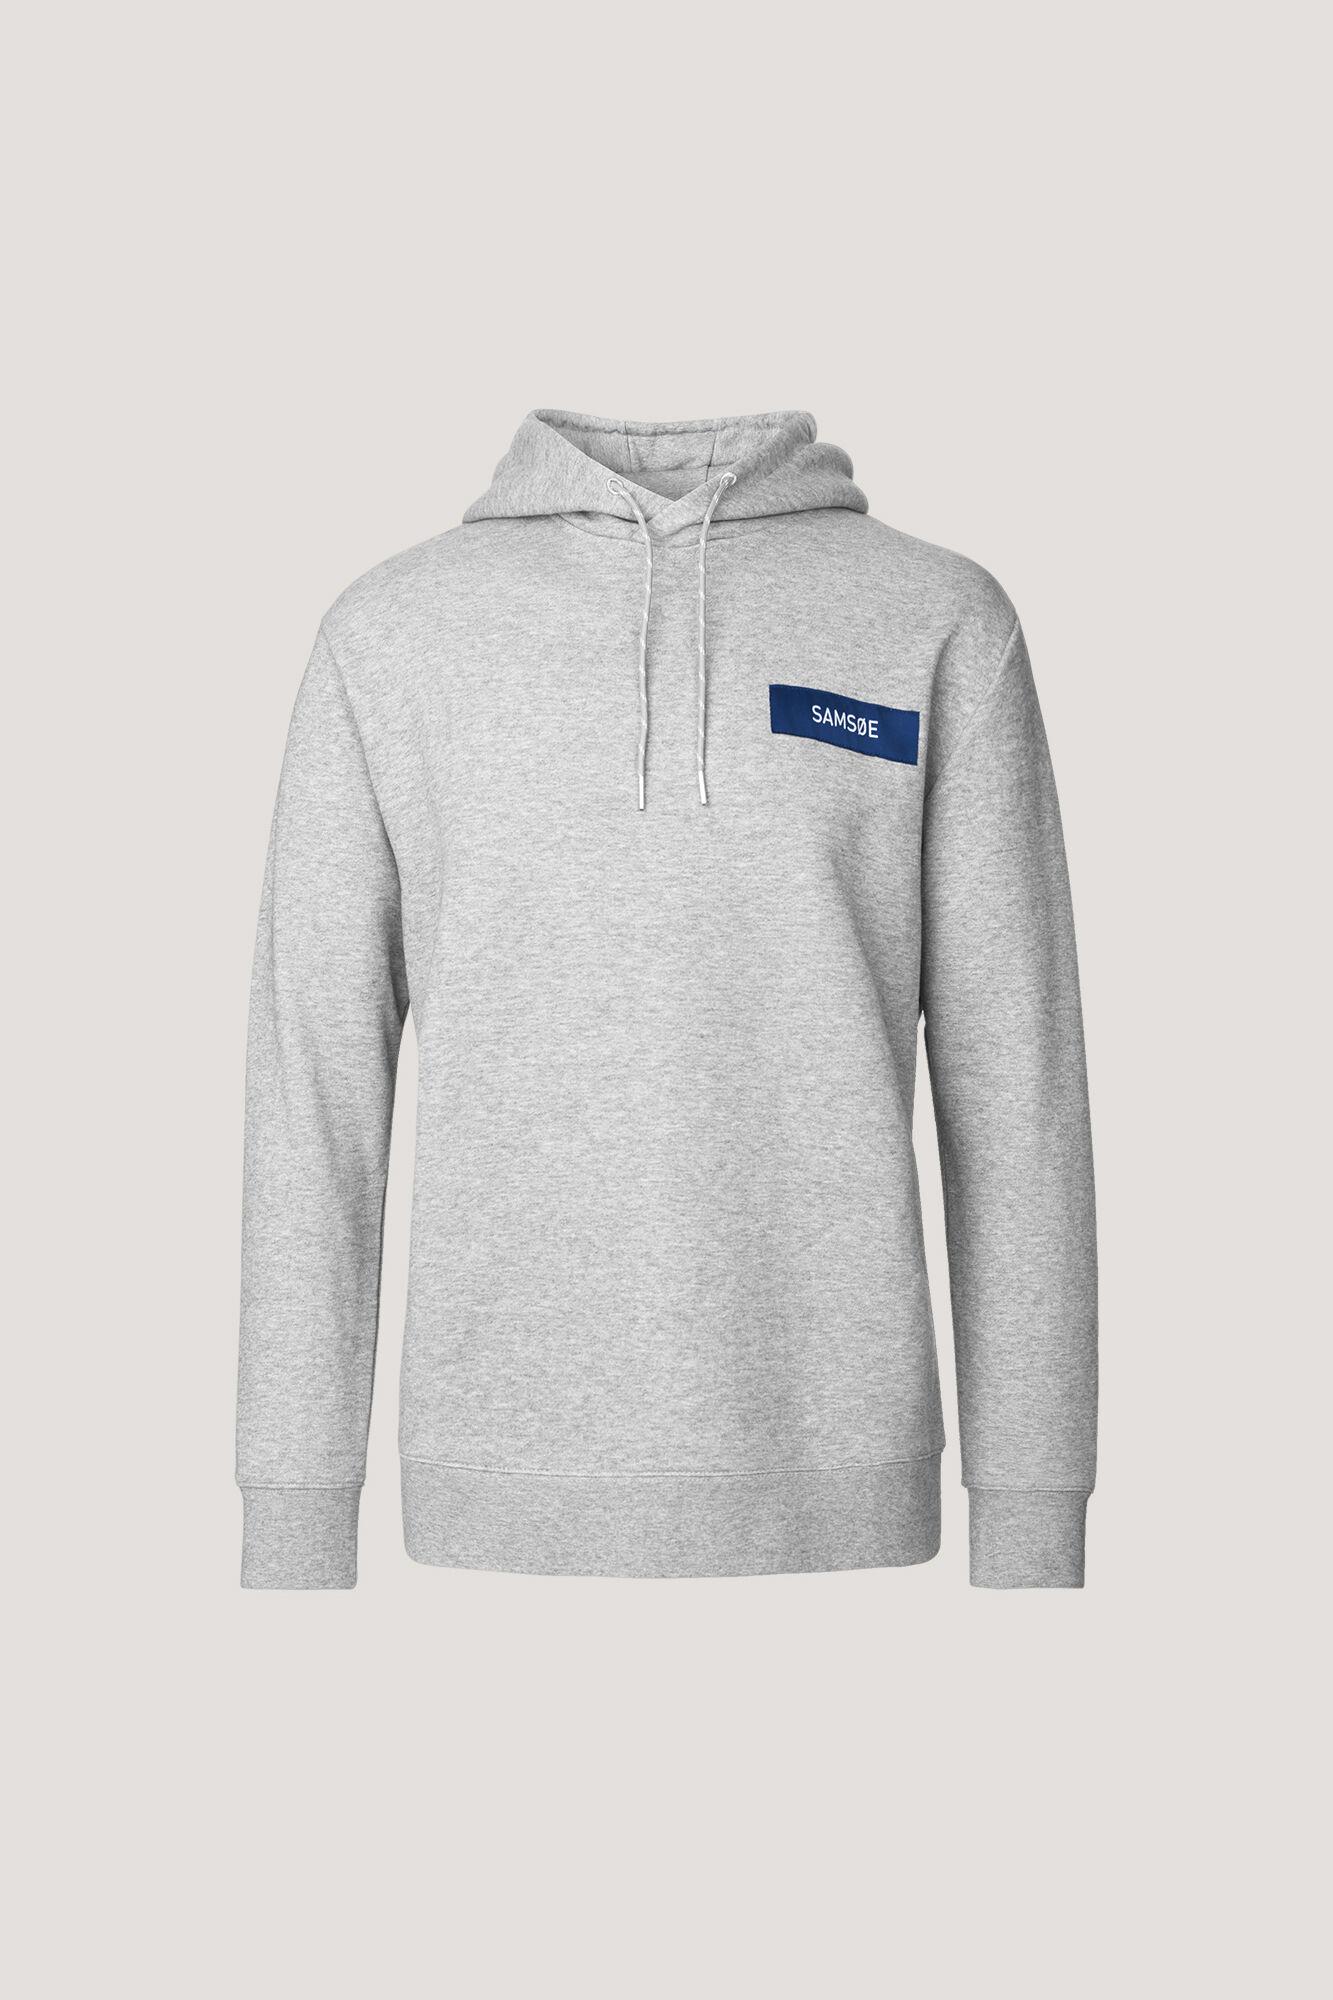 Straits hoodie samsøe 10119